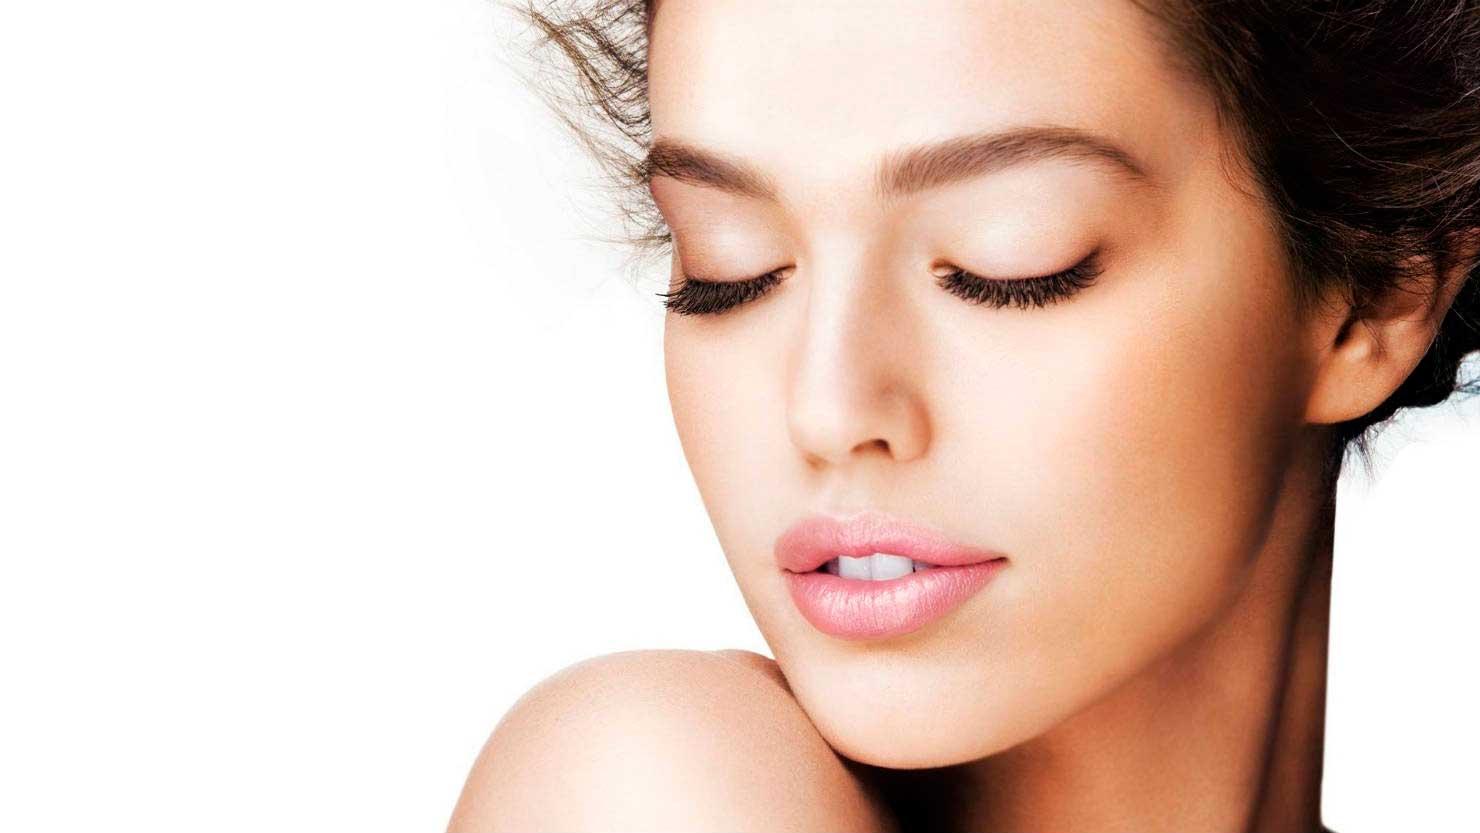 Как выбрать крем для лица: по типу кожи, по составу, по производителю